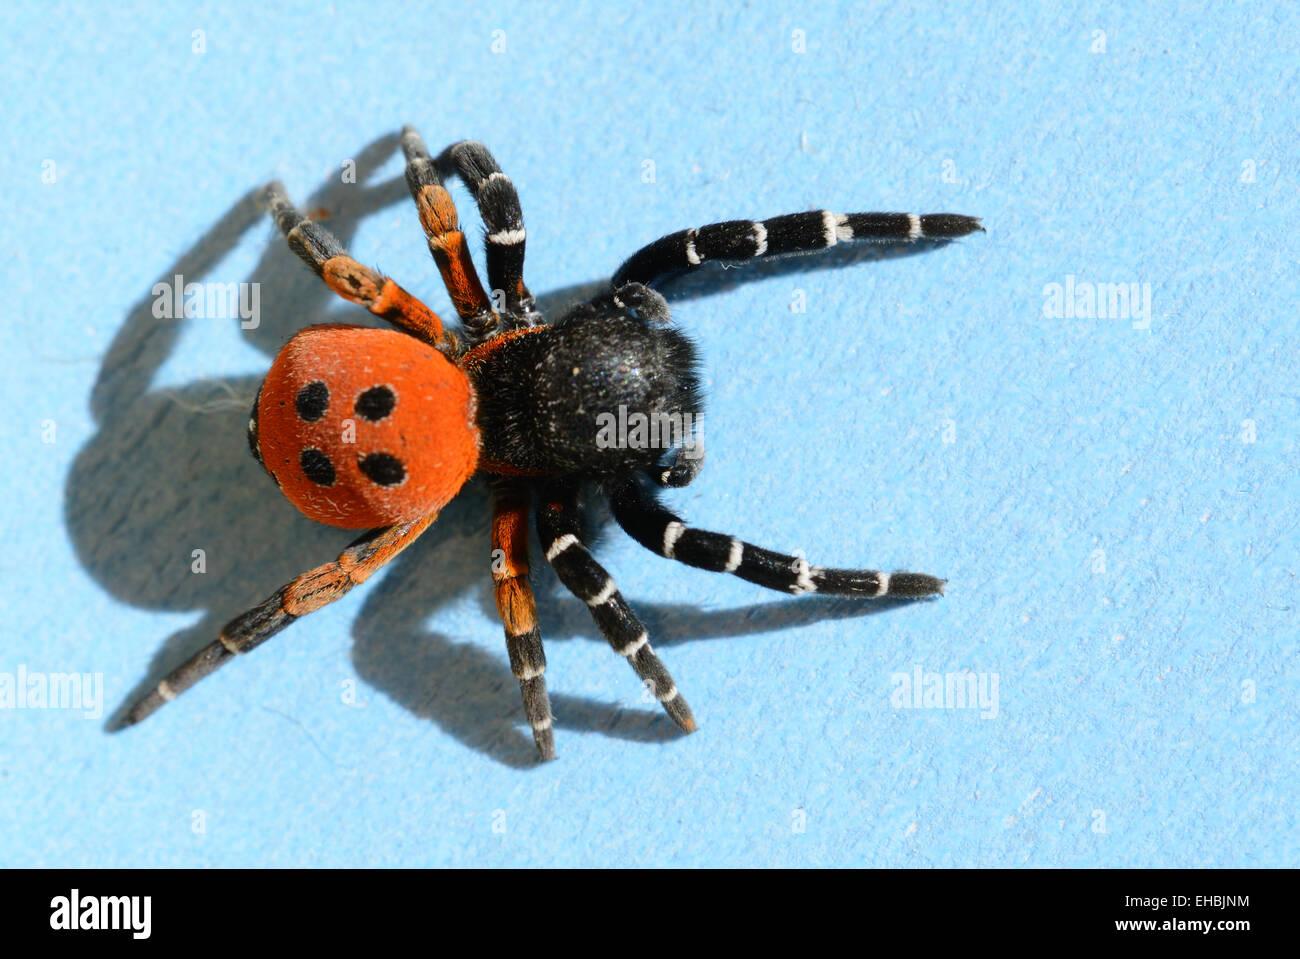 Ladybird Spider or Velvet Spider Eresus cinnaberinus formerly Eresus niger Stock Photo